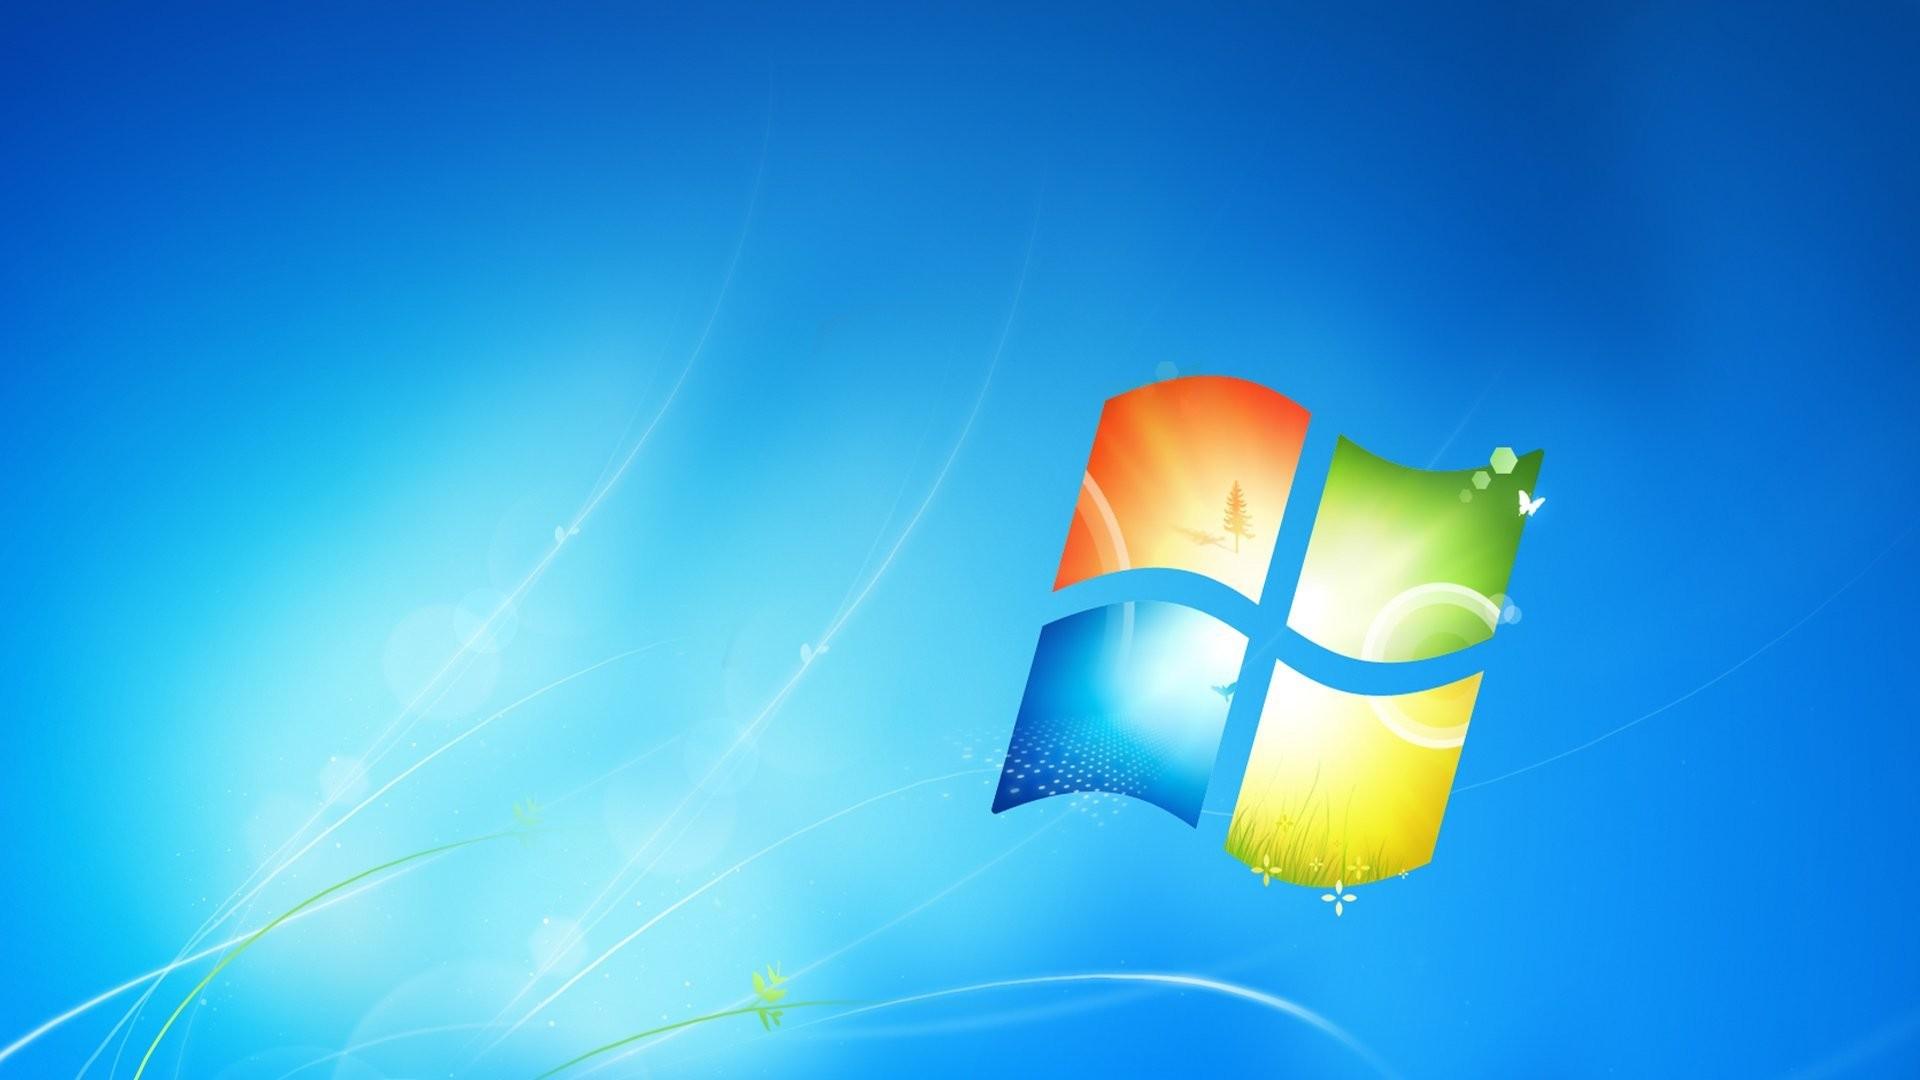 オリジナルのwindows 7の背景のhd Windowsオリジナル壁紙 19x1080 Wallpapertip